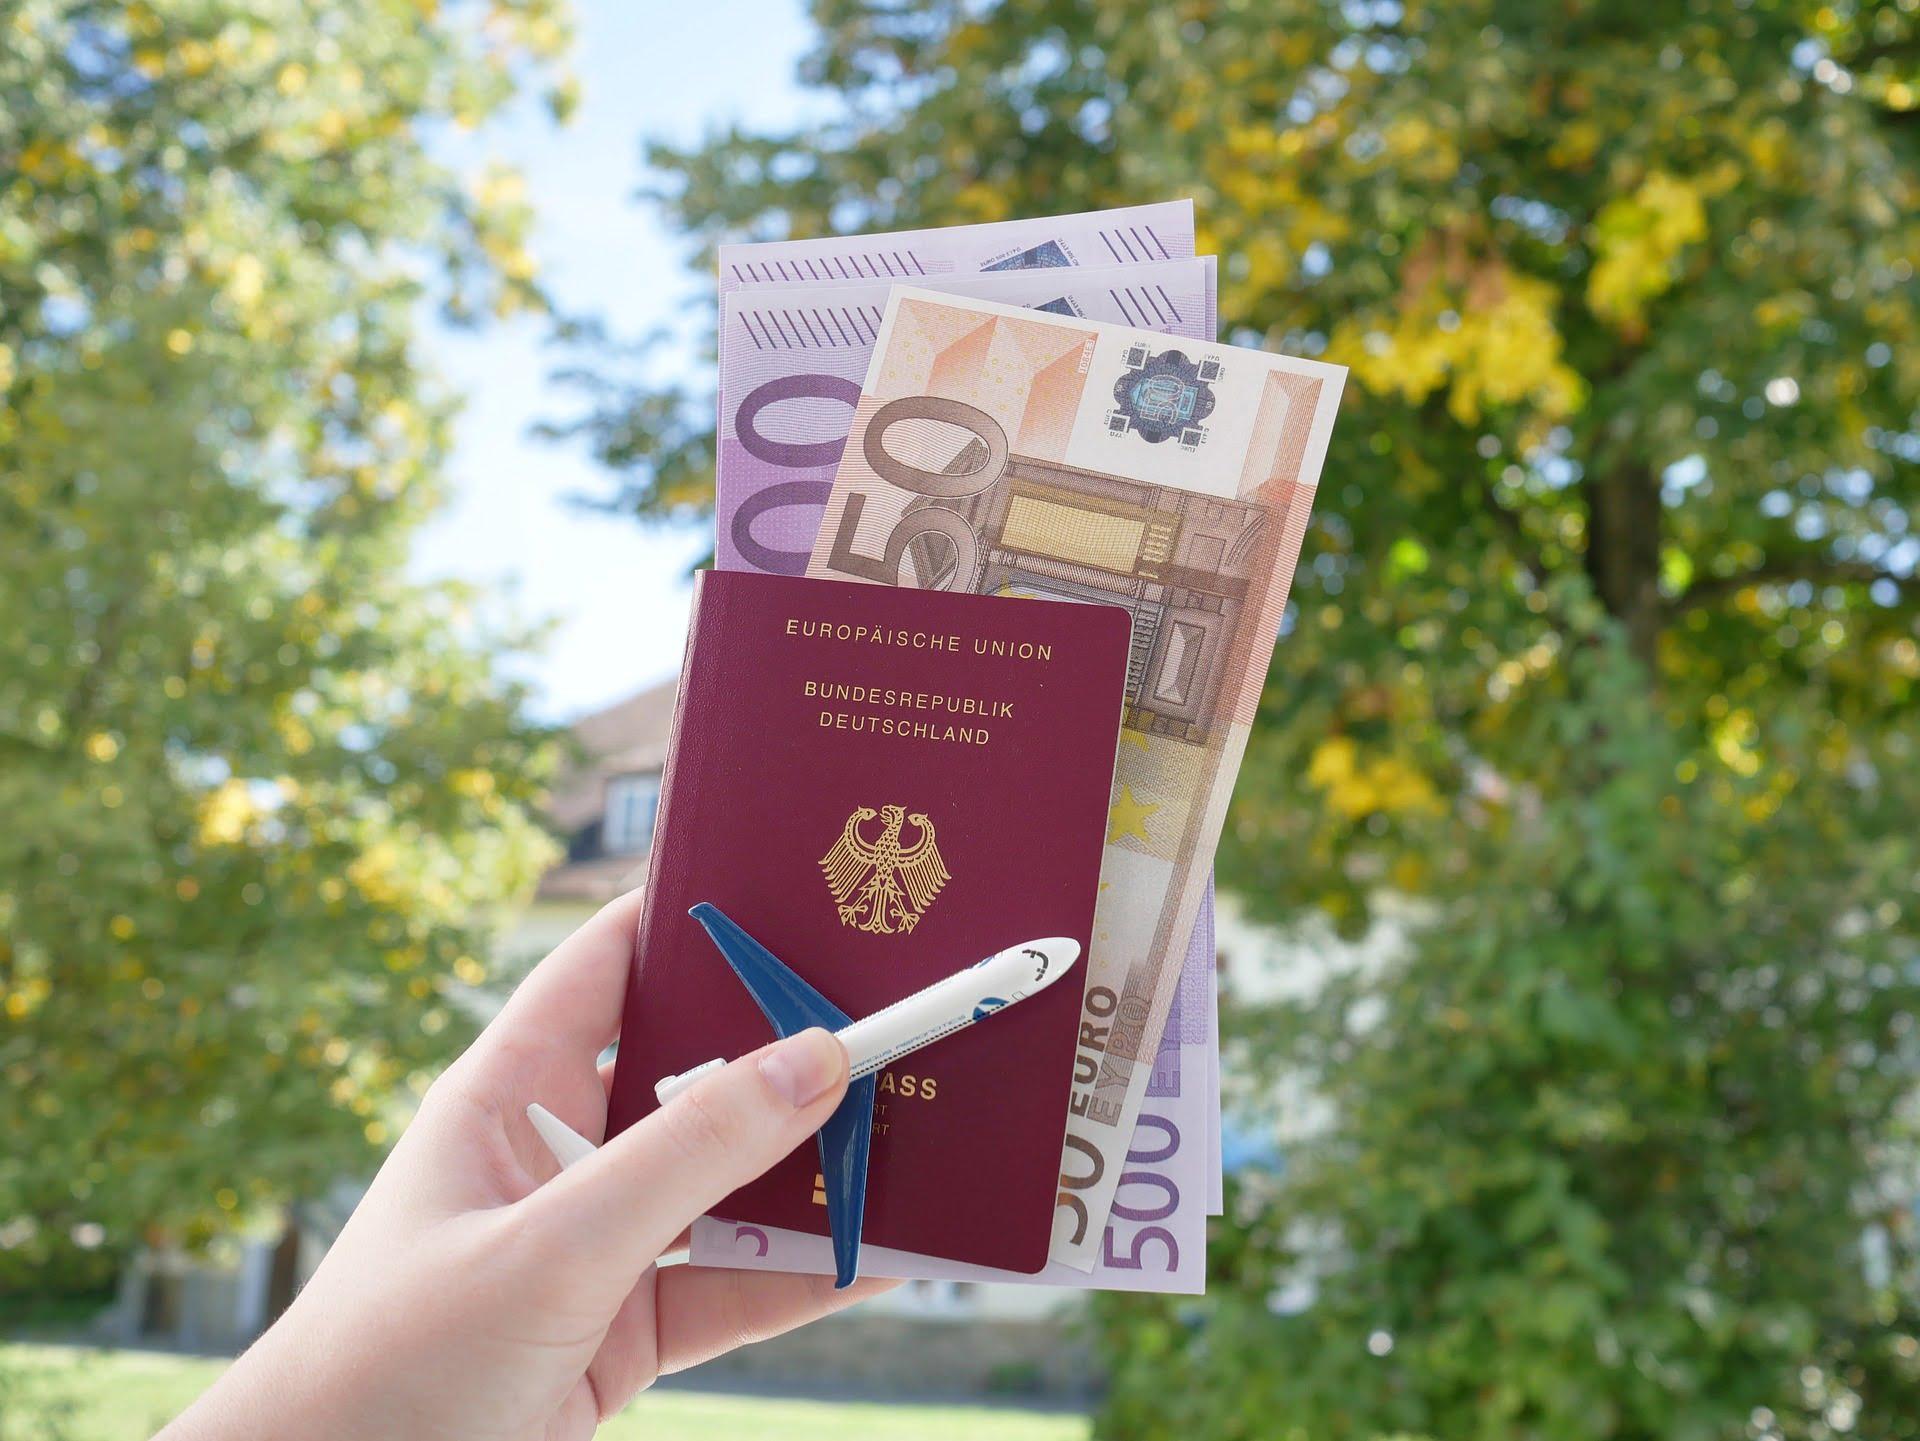 passport-4532483_1920